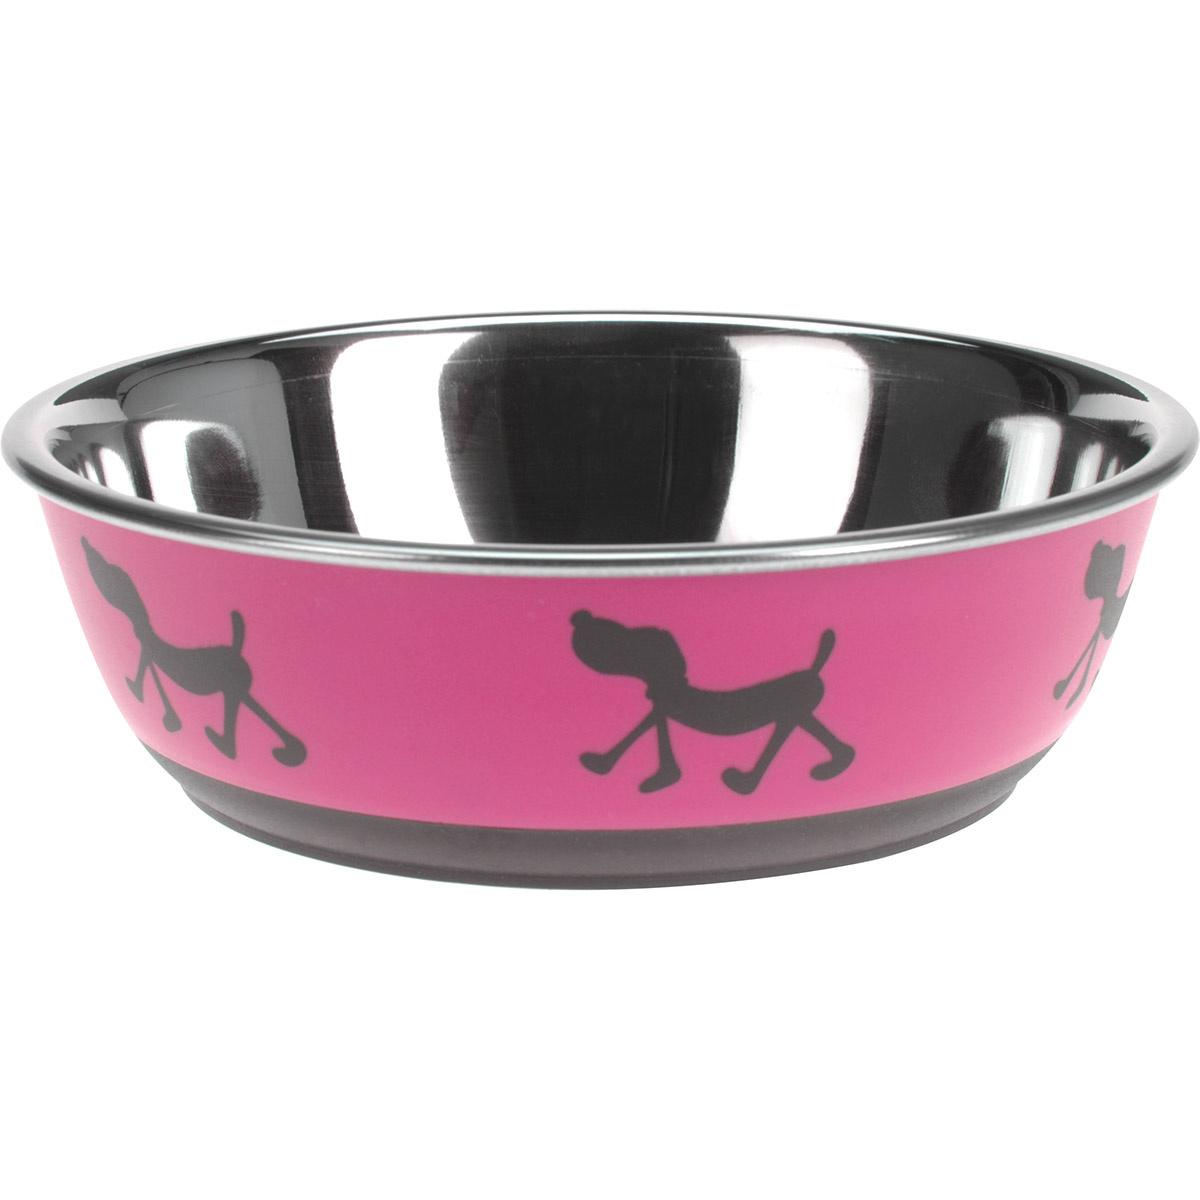 Miska pro psa Doggie treat růžová, pr. 17,5 cm